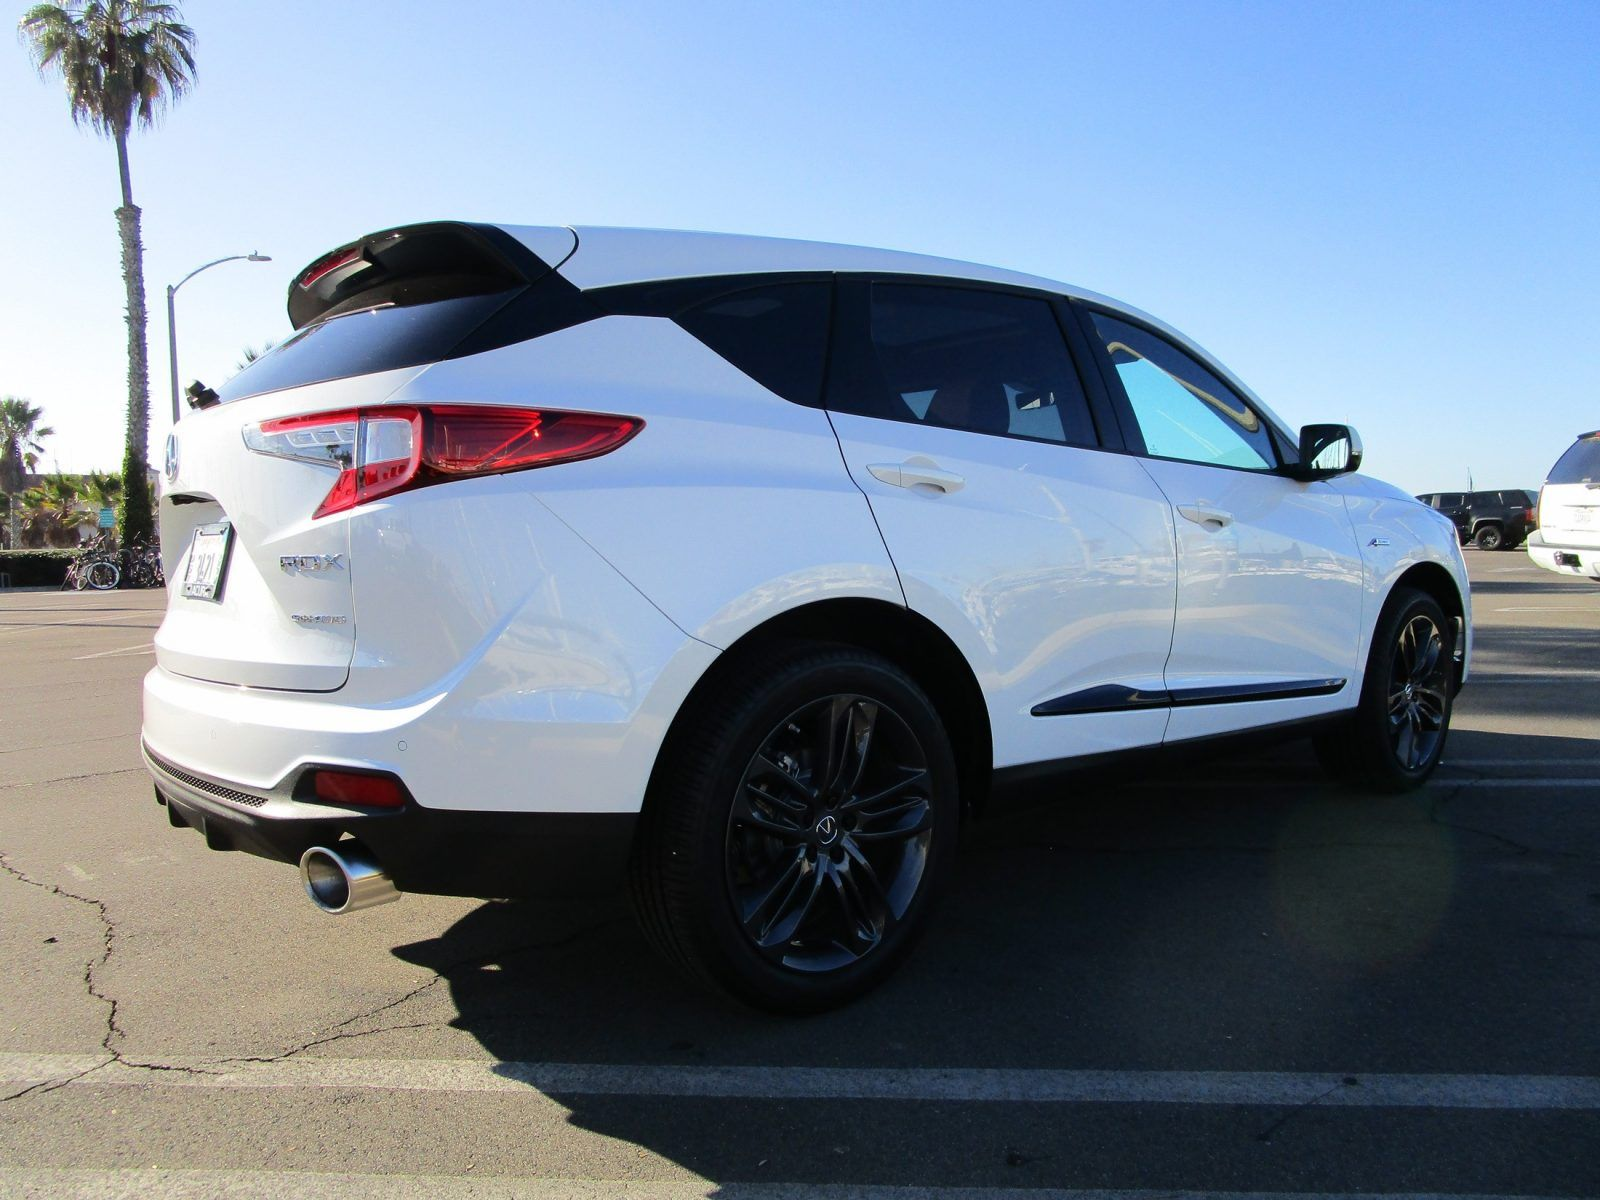 2020 Acura Rdx A Spec Awd Car Revs Daily 15 With Images Acura Rdx Awd Cars Acura